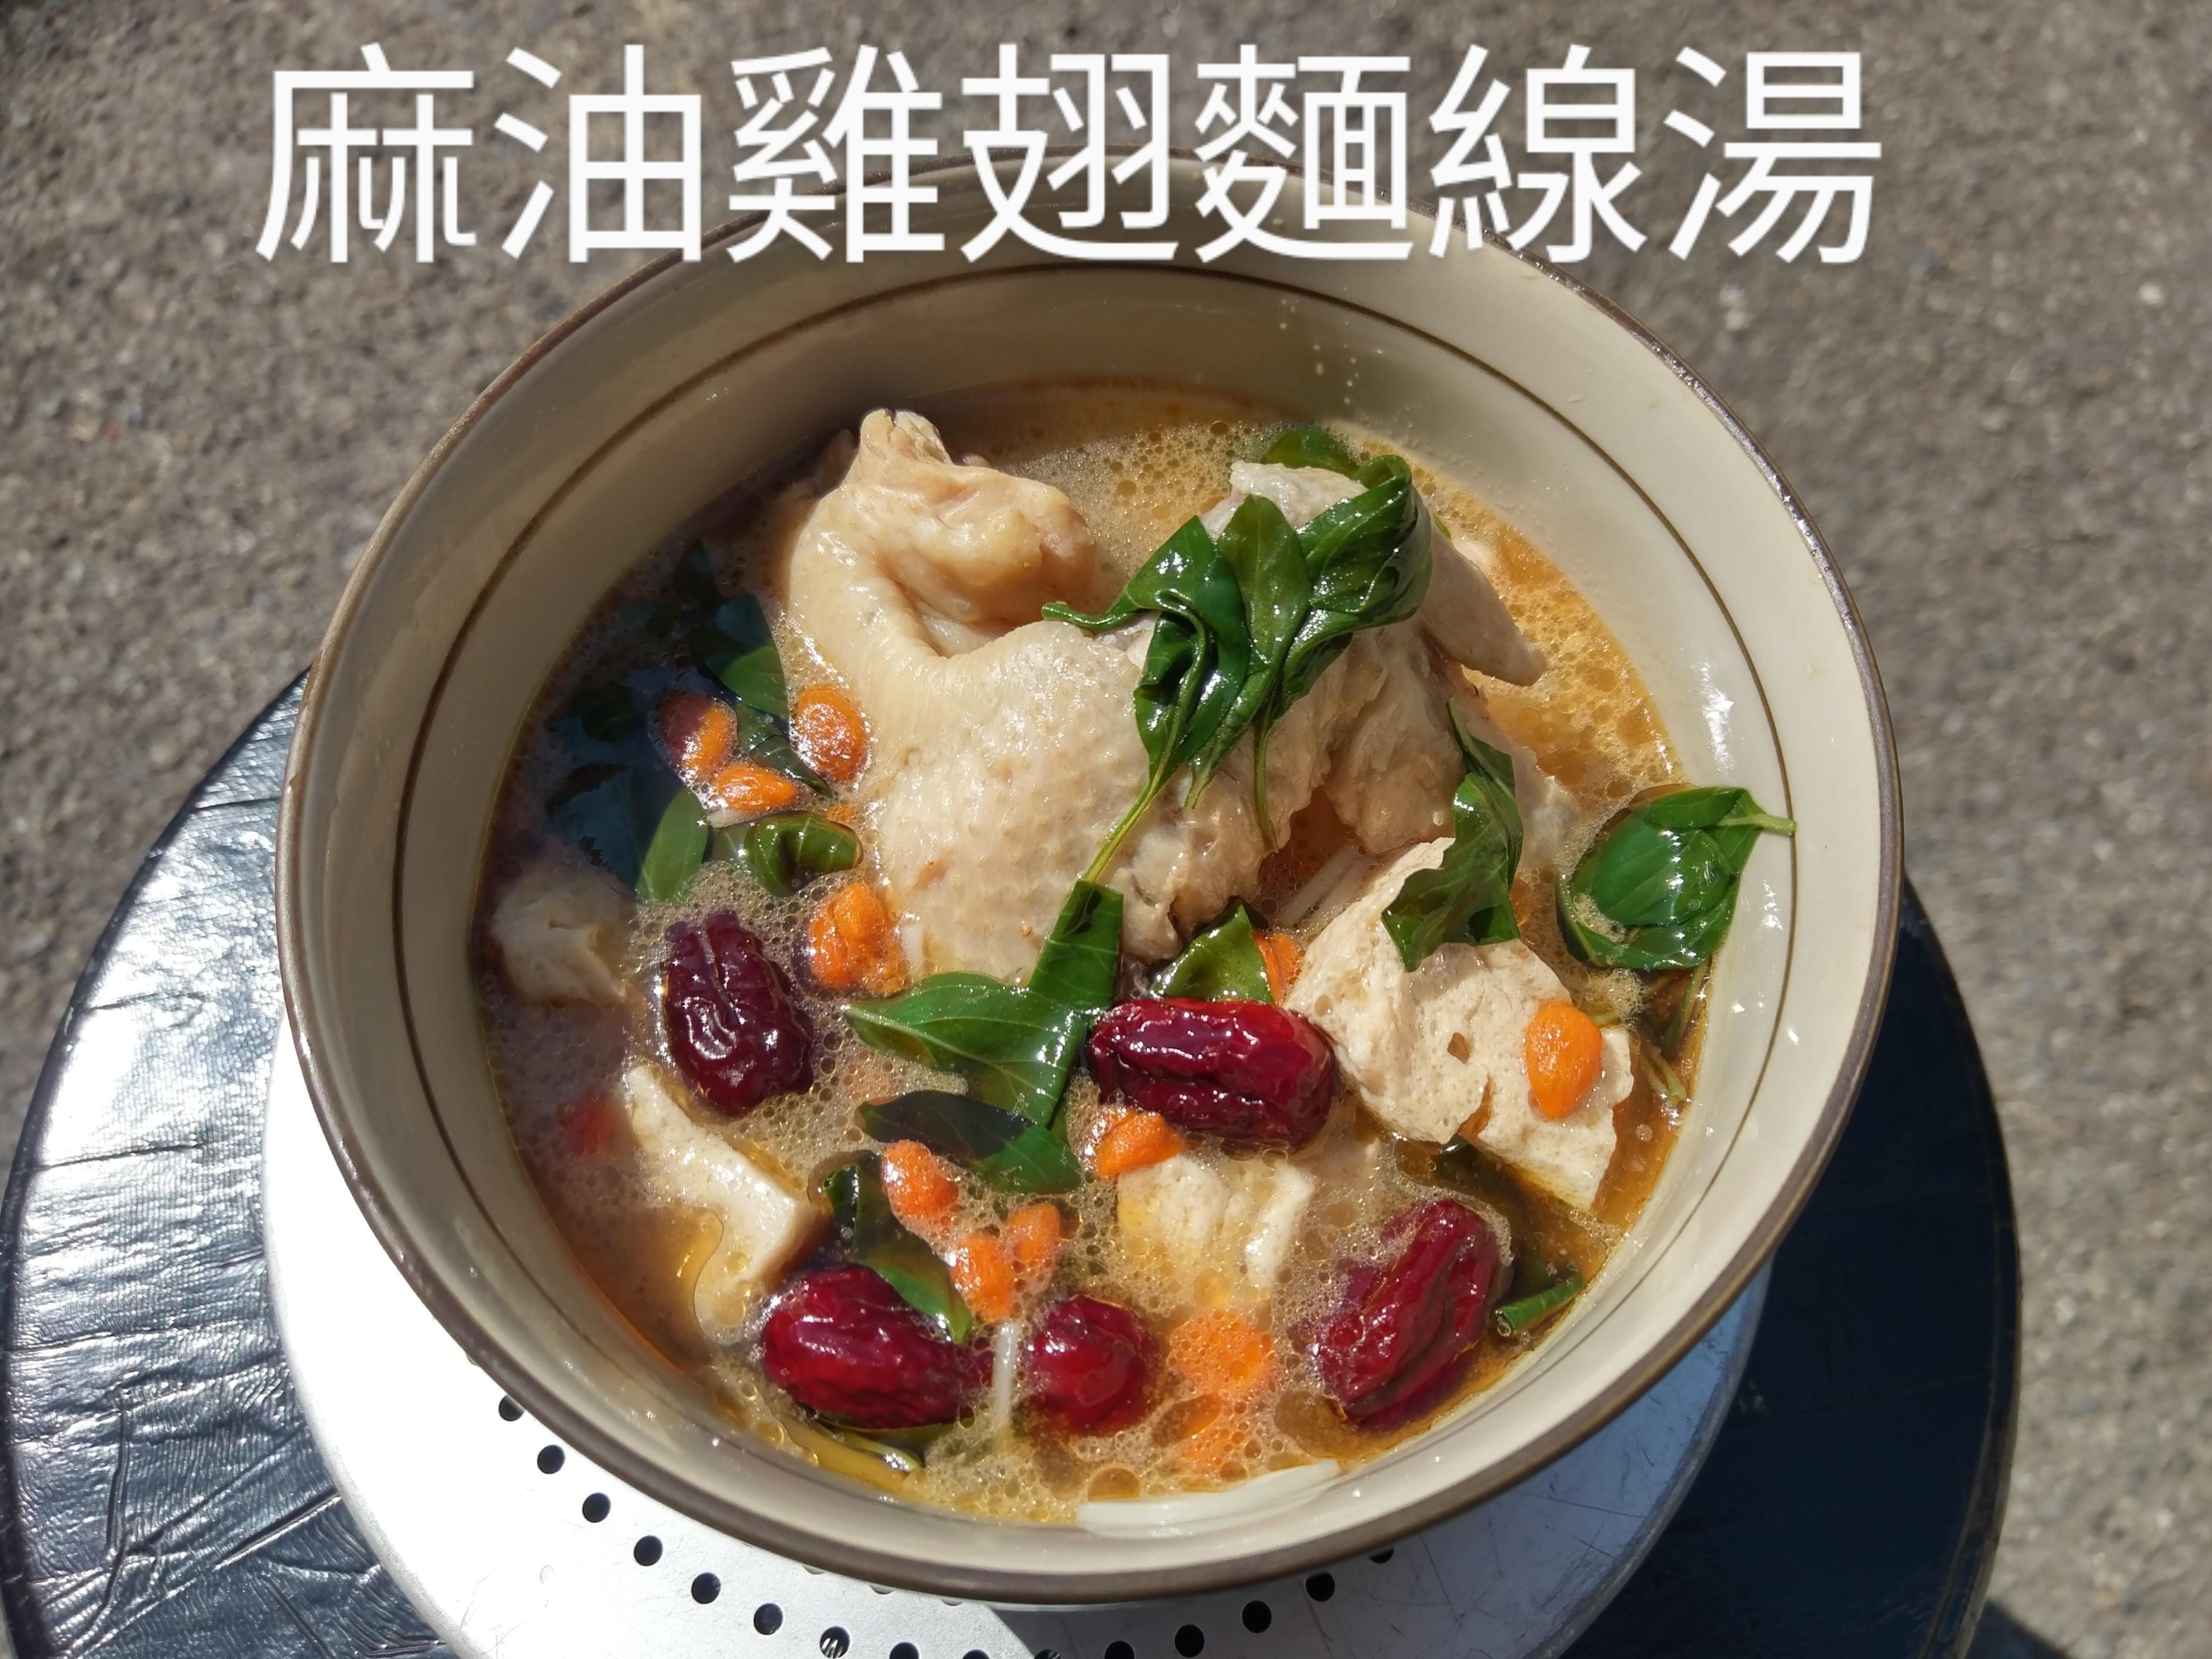 麻油雞翅麵線湯